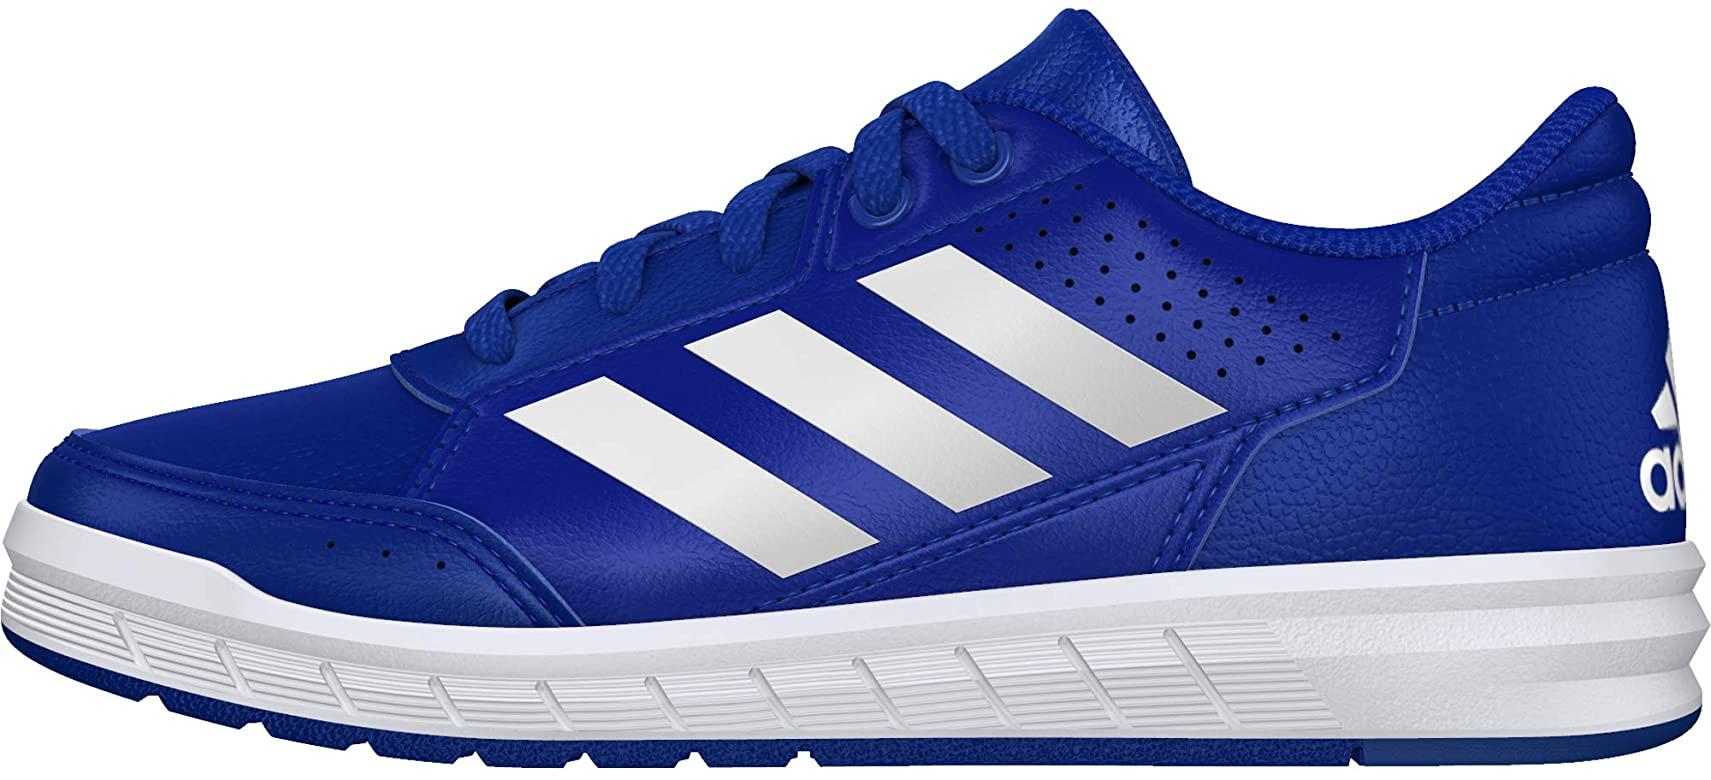 Adidas AltaSport K (Unisex)